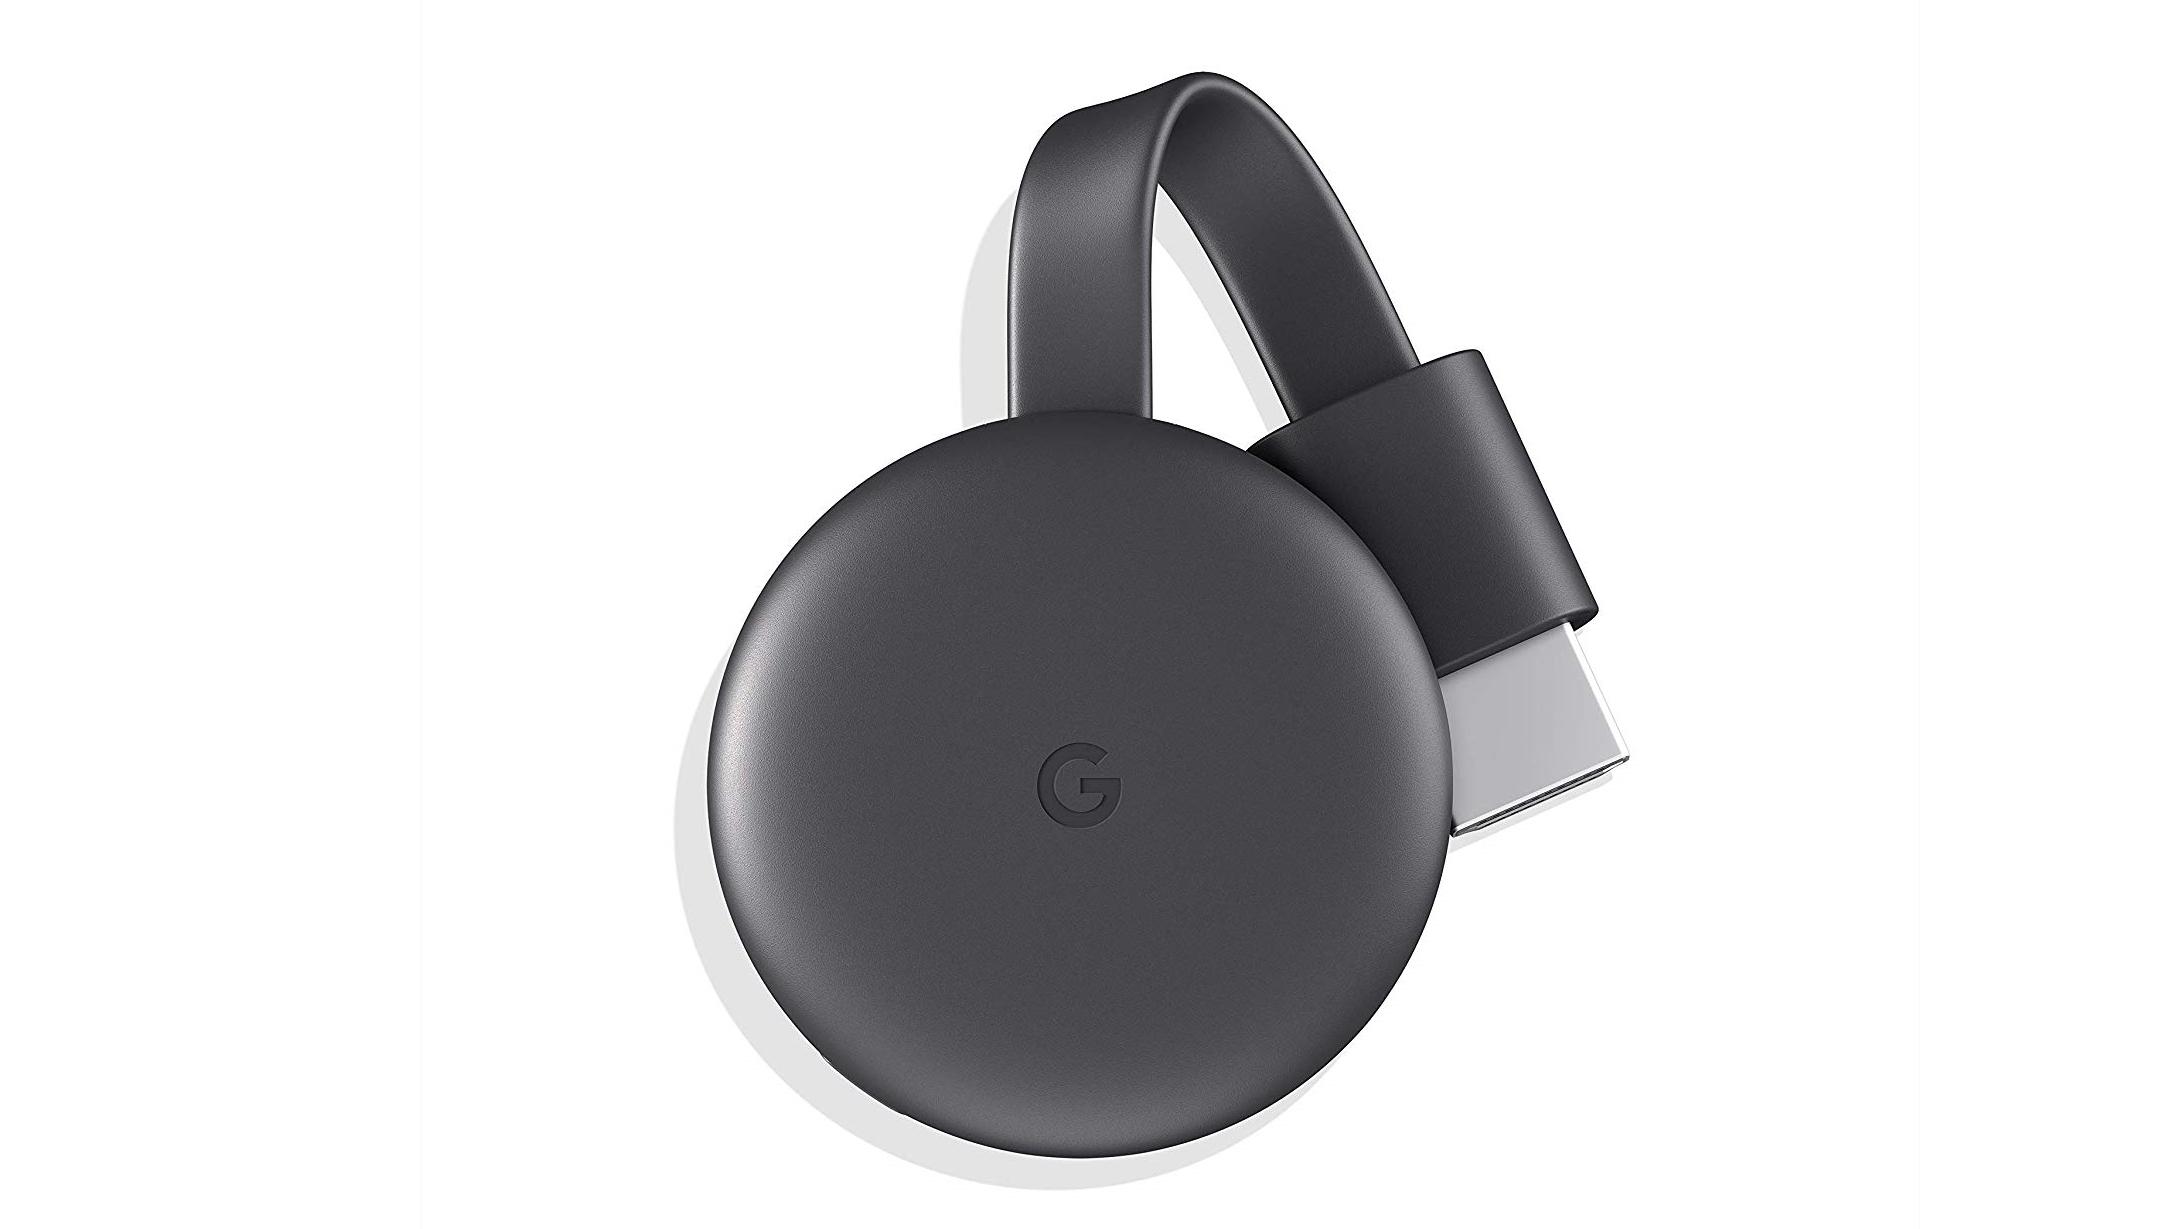 385b1525da7 🥇 ▷ ▷ Los precios más baratos de Chromecast y ofertas en junio de ...